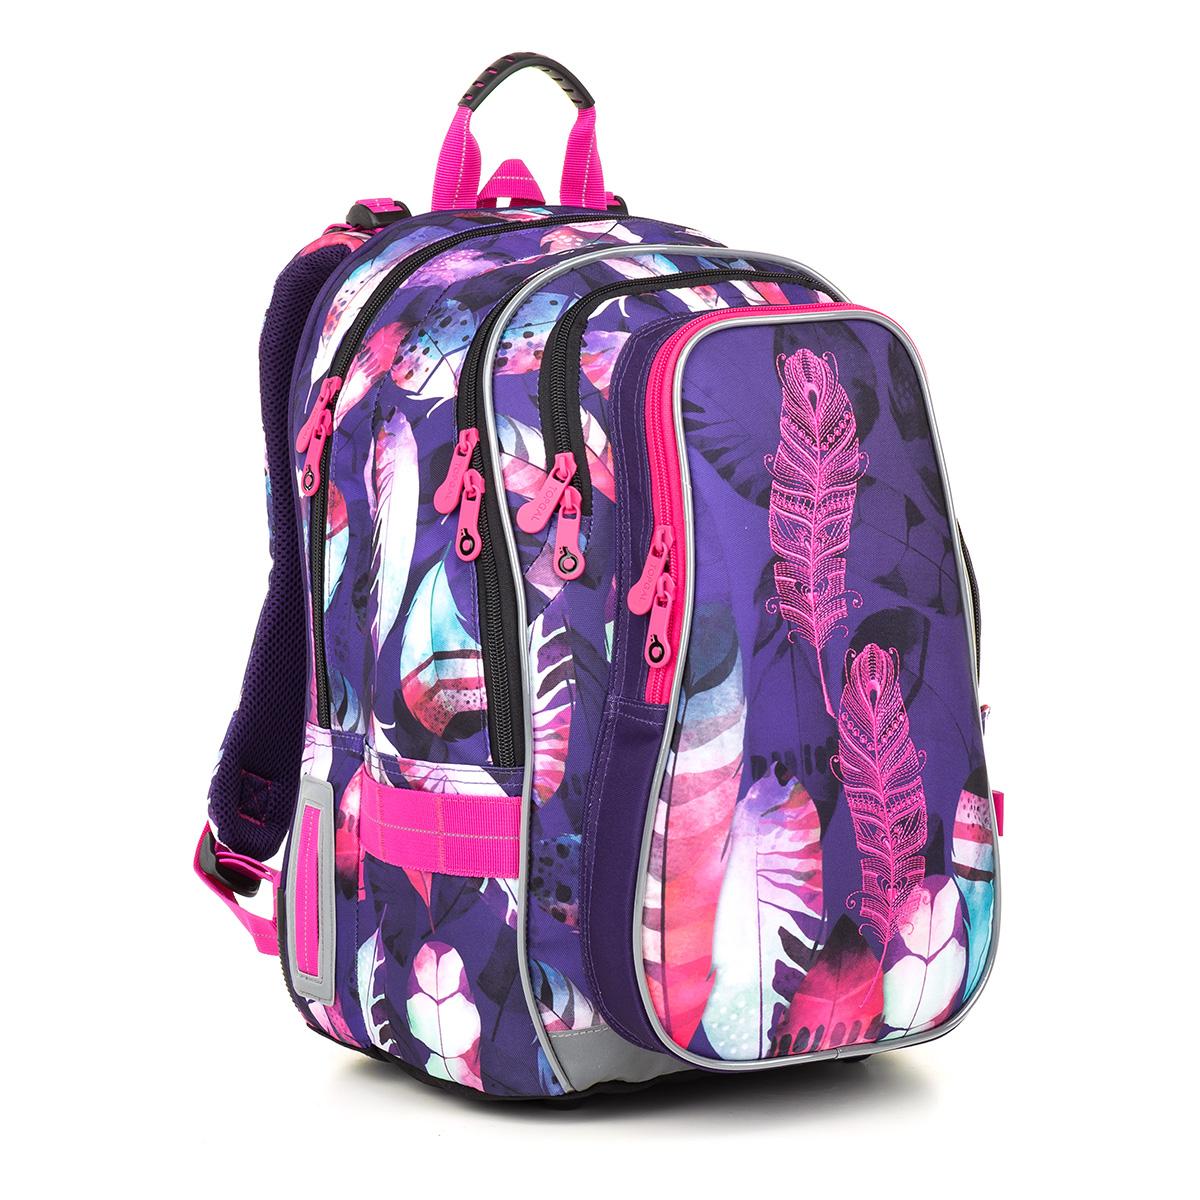 školní batohy do 2. a 3. třídy